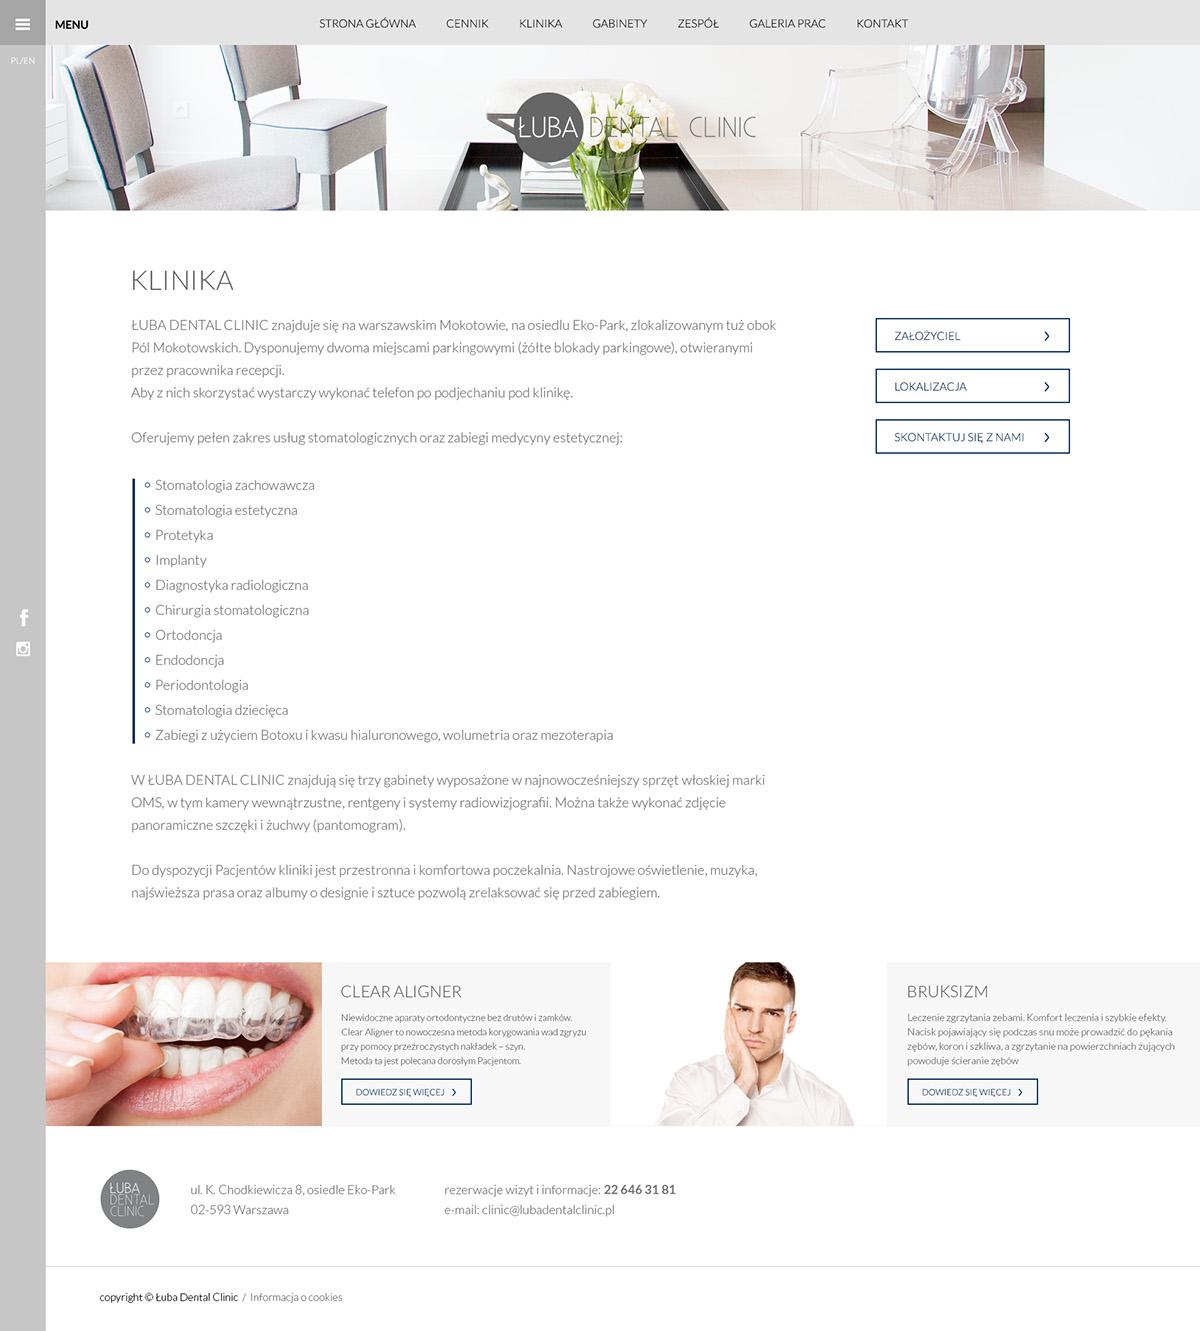 dental clinic dentist doctor Łuba polska warszawa